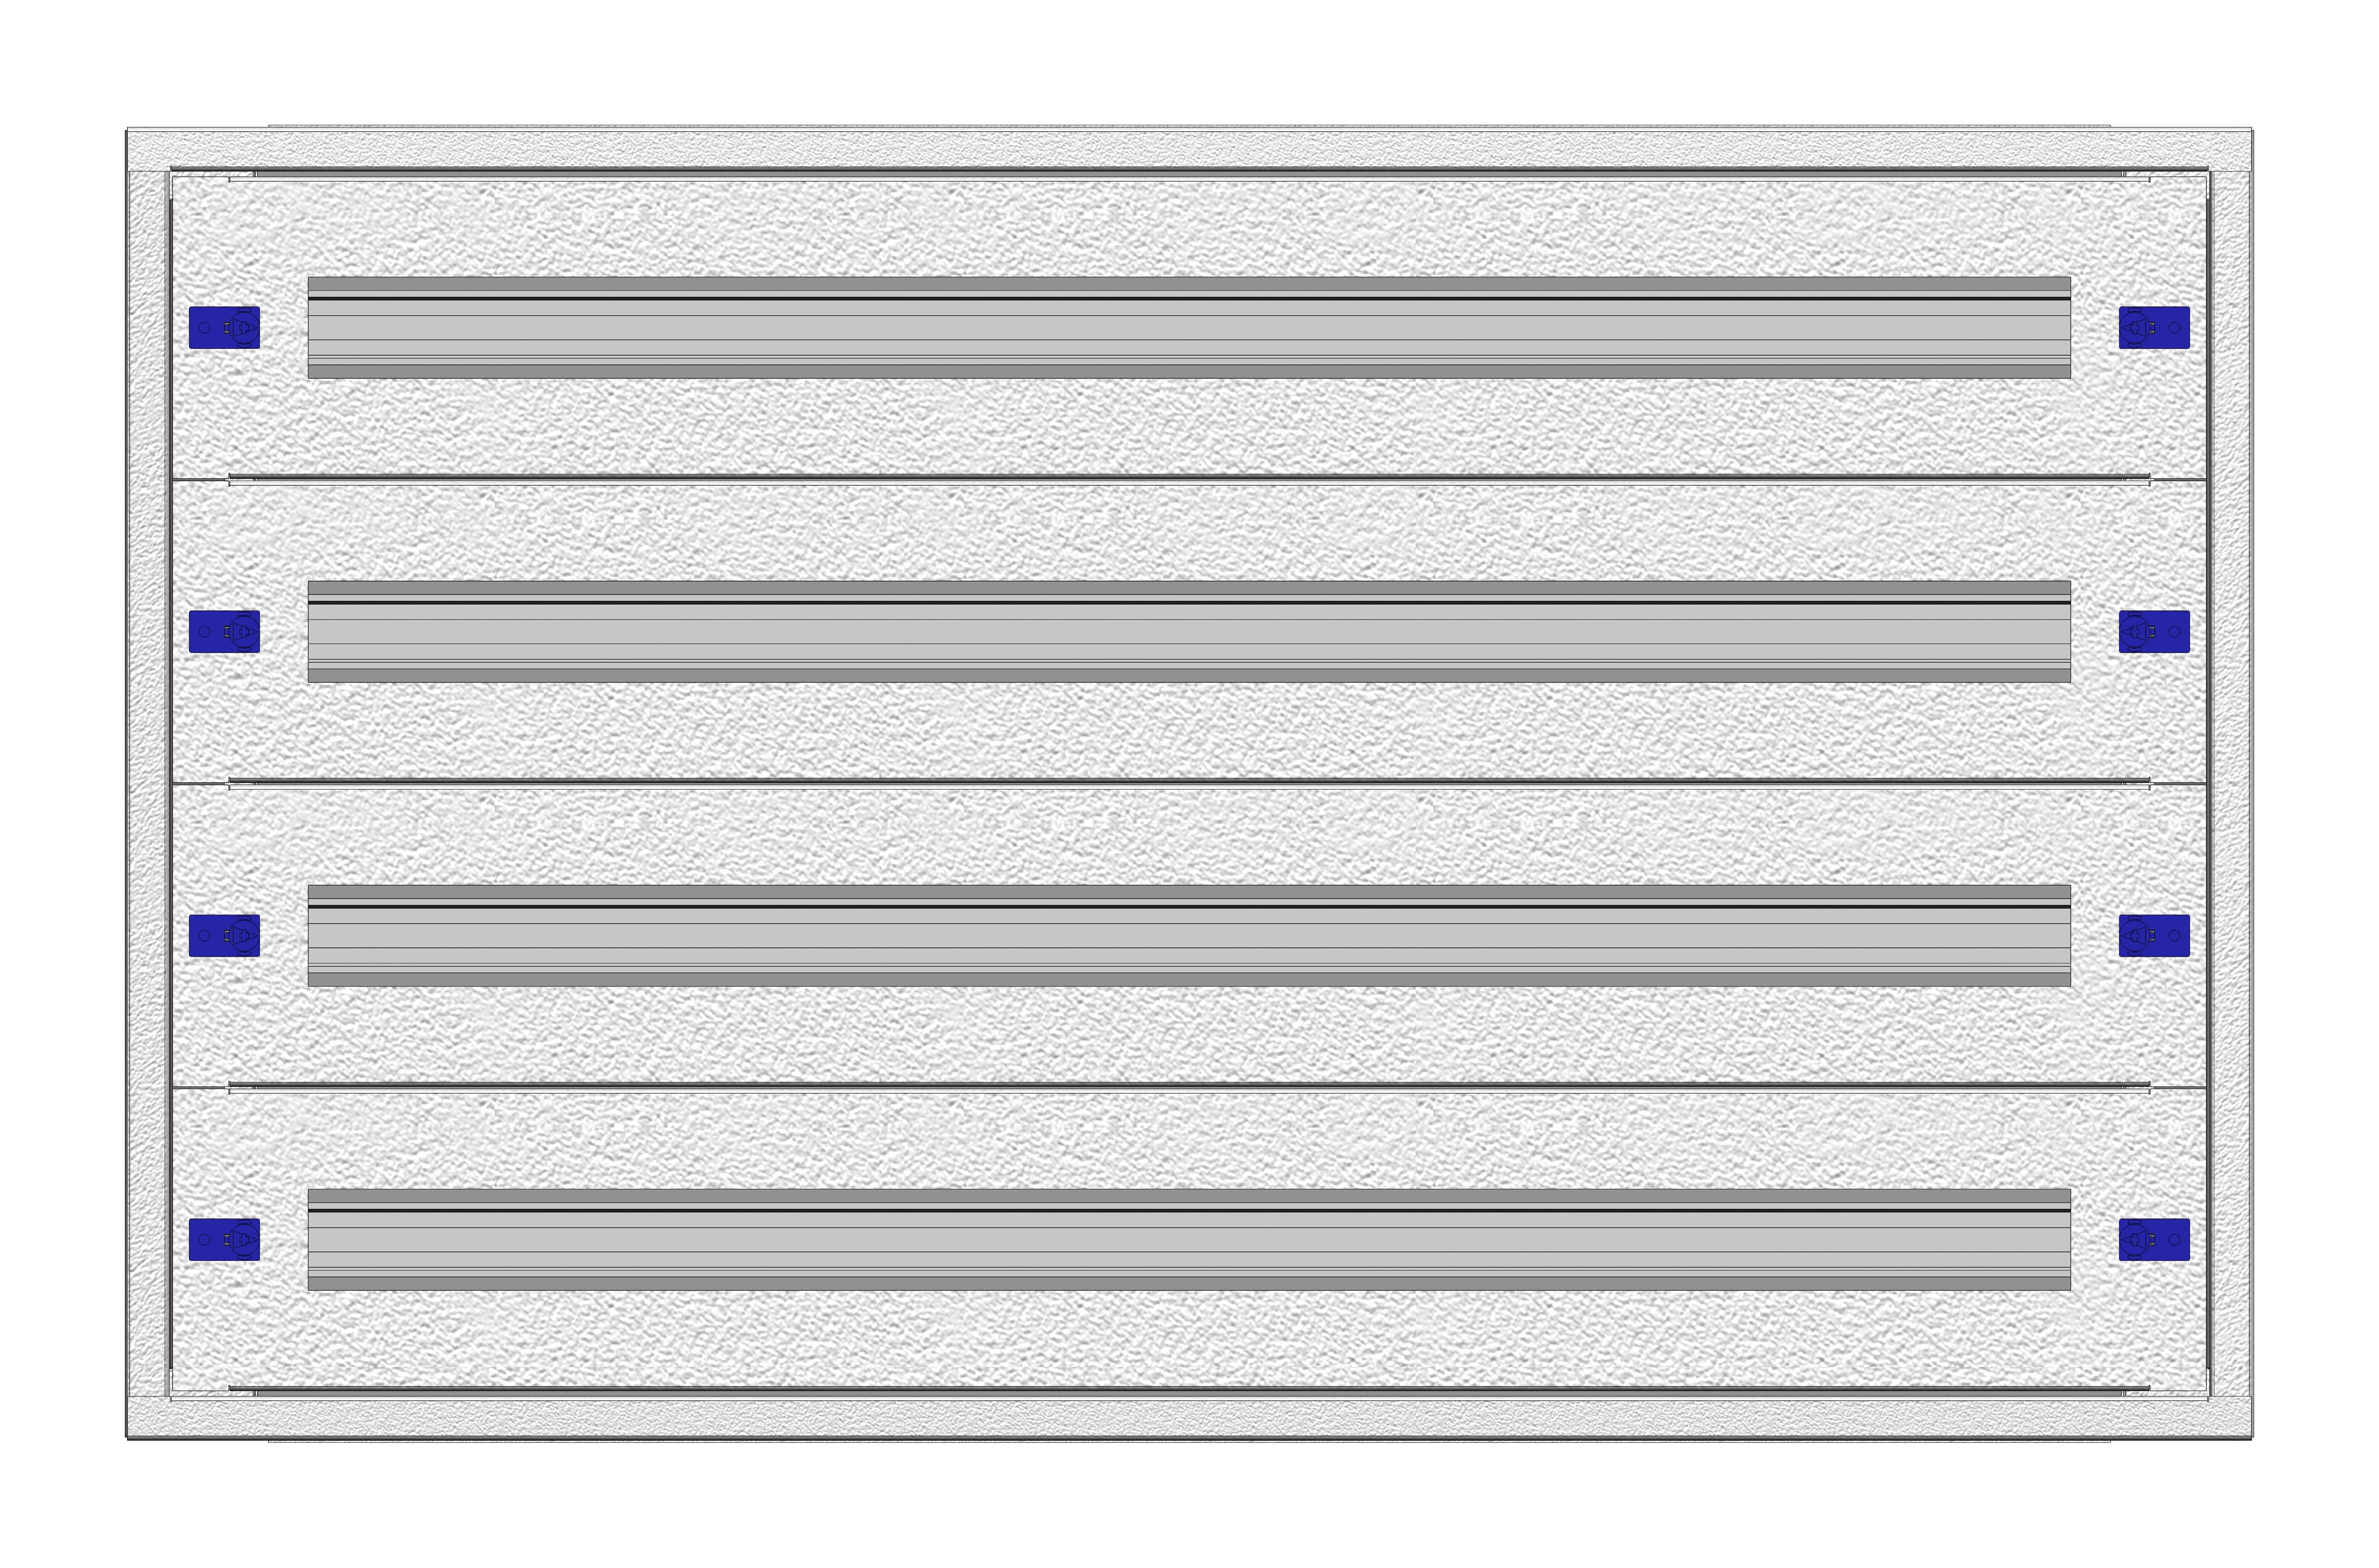 1 Stk Installationsverteiler Einsatz 4-12L, 4-reihig, Kunststoff IL149412--